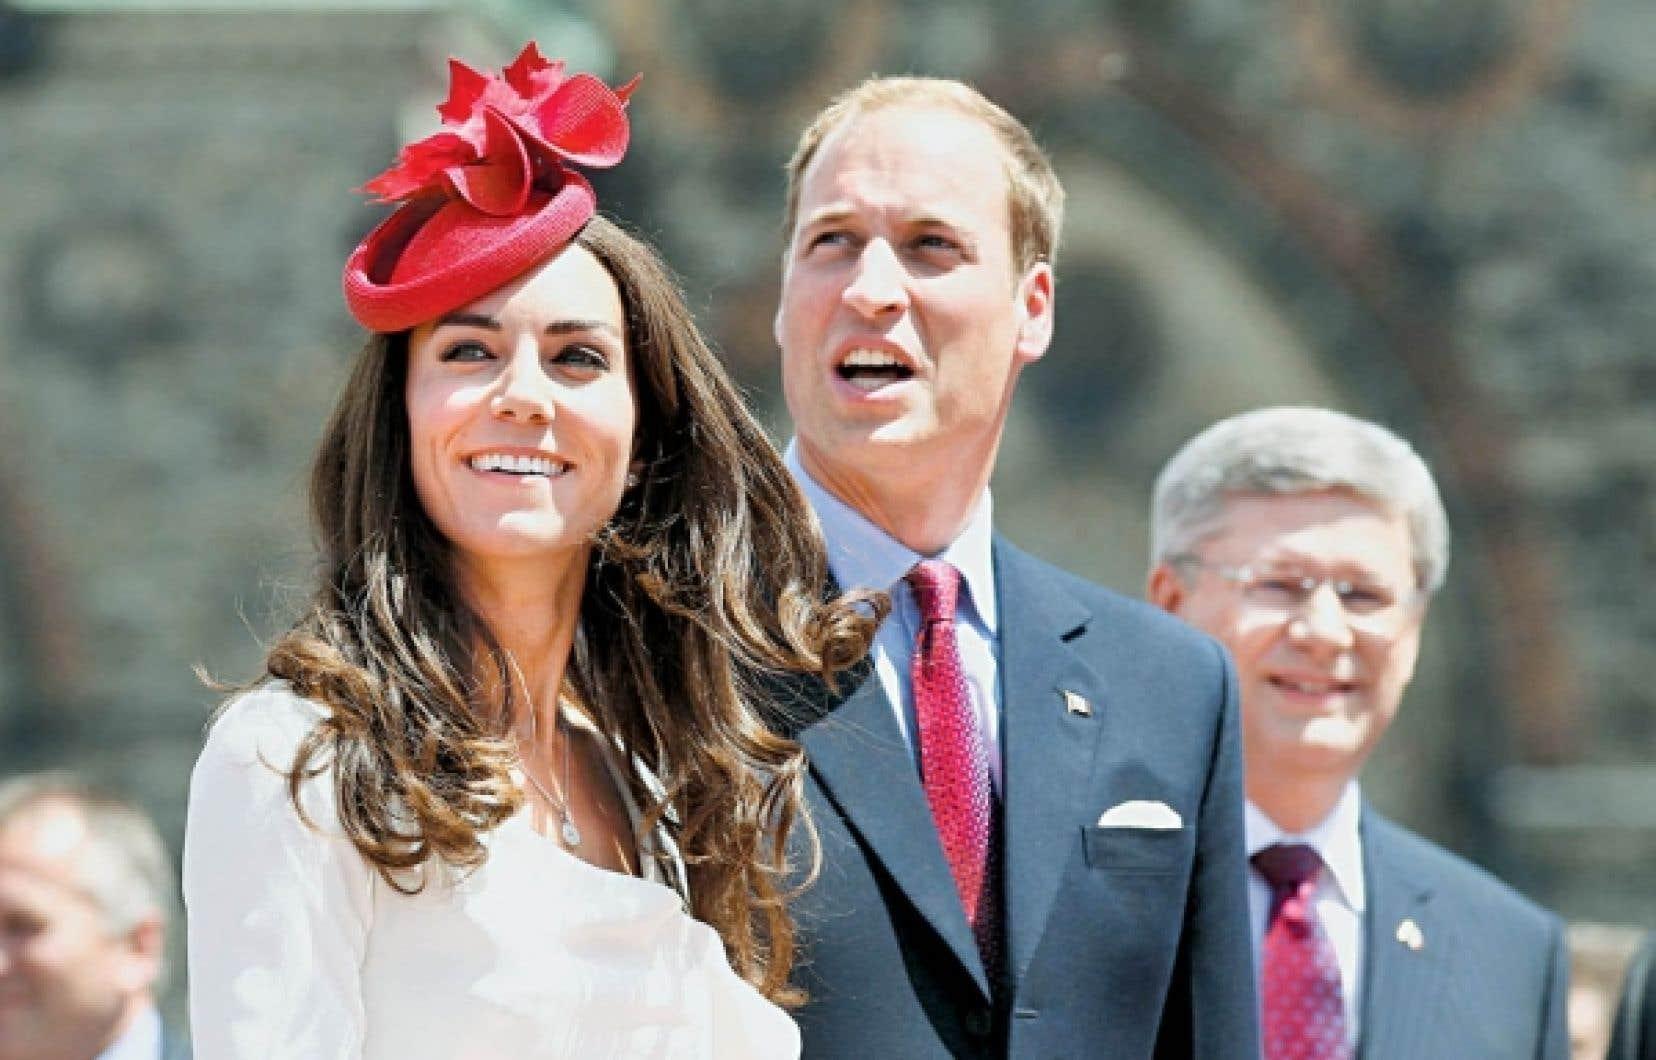 Pour l'occasion, la duchesse de Cambridge portait un chapeau rouge décoré de feuilles d'érable.<br />